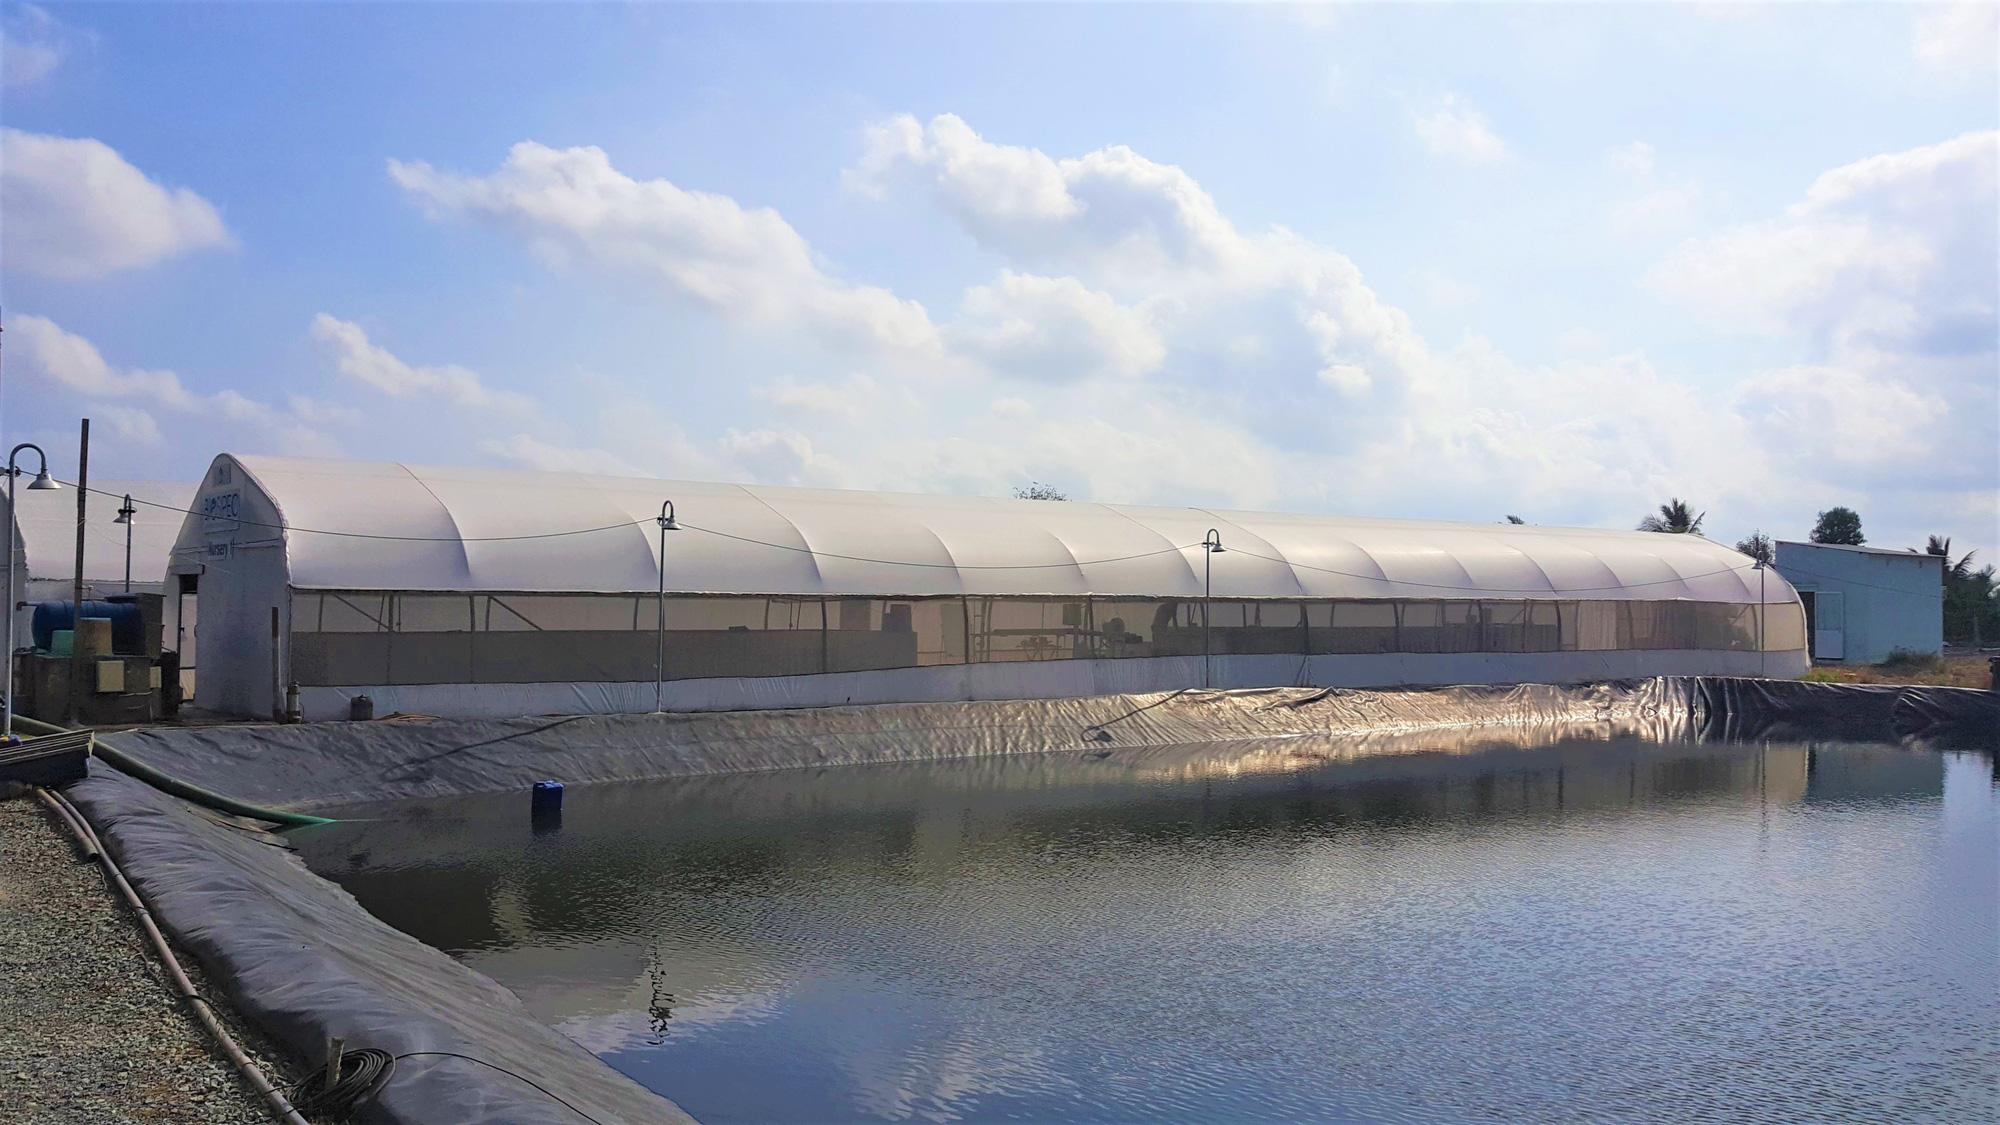 ADM công bố những mục tiêu mới nhằm thúc đẩy giảm cường độ sử dụng nước và chất thải chôn lấp - Ảnh 1.